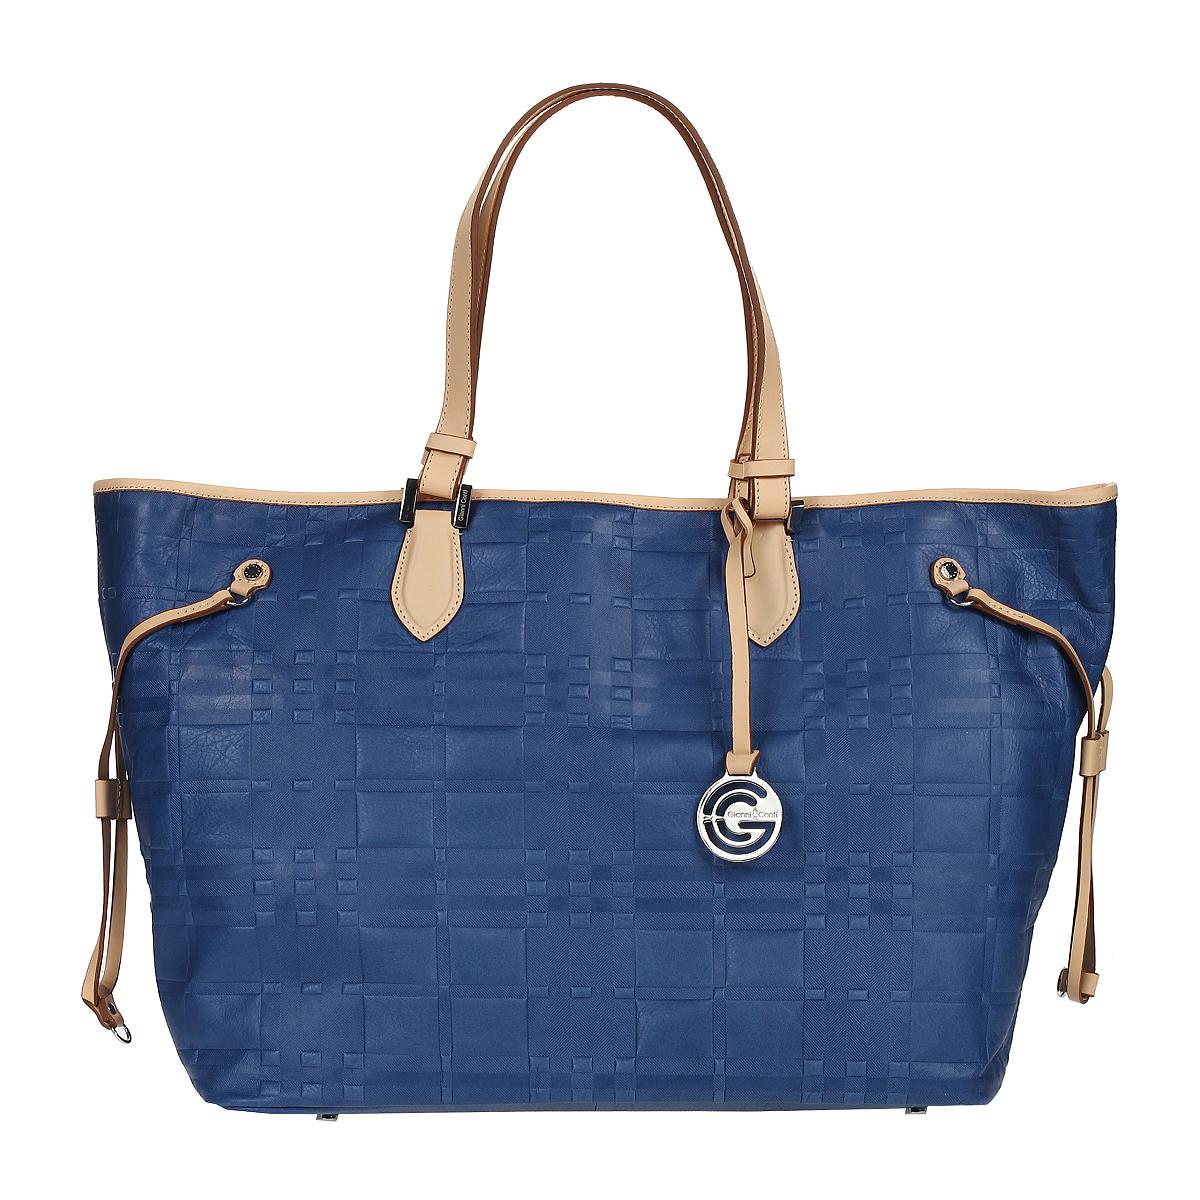 Сумка женская Gianni Conti, цвет: синий, бежевый. 1636896E blue sand1636896E blue sandСтильная женская сумка Gianni Conti выполнена из натуральной кожи синего и бежевого цвета с оригинальным тиснением. Сумка имеет одно отделение, закрывающееся на застежку карабин. Внутри расположен вшитый карман на молнии, два кармашка для мелочей и один кармашек для пишущих принадлежностей. На дне сумки расположены ножки для лучшей устойчивости. Сумка оснащена удобными ручками и украшена подвеской с символикой бренда. Фурнитура - серебристого цвета. В комплекте имеется чехол для хранения. Сумка - это стильный аксессуар, который подчеркнет вашу индивидуальность и сделает ваш образ завершенным. Характеристики: Материал: натуральная кожа, металл. Цвет: синий, бежевый. Размер сумки: 55 см х 33 см х 19 см. Высота ручек: 26 см.